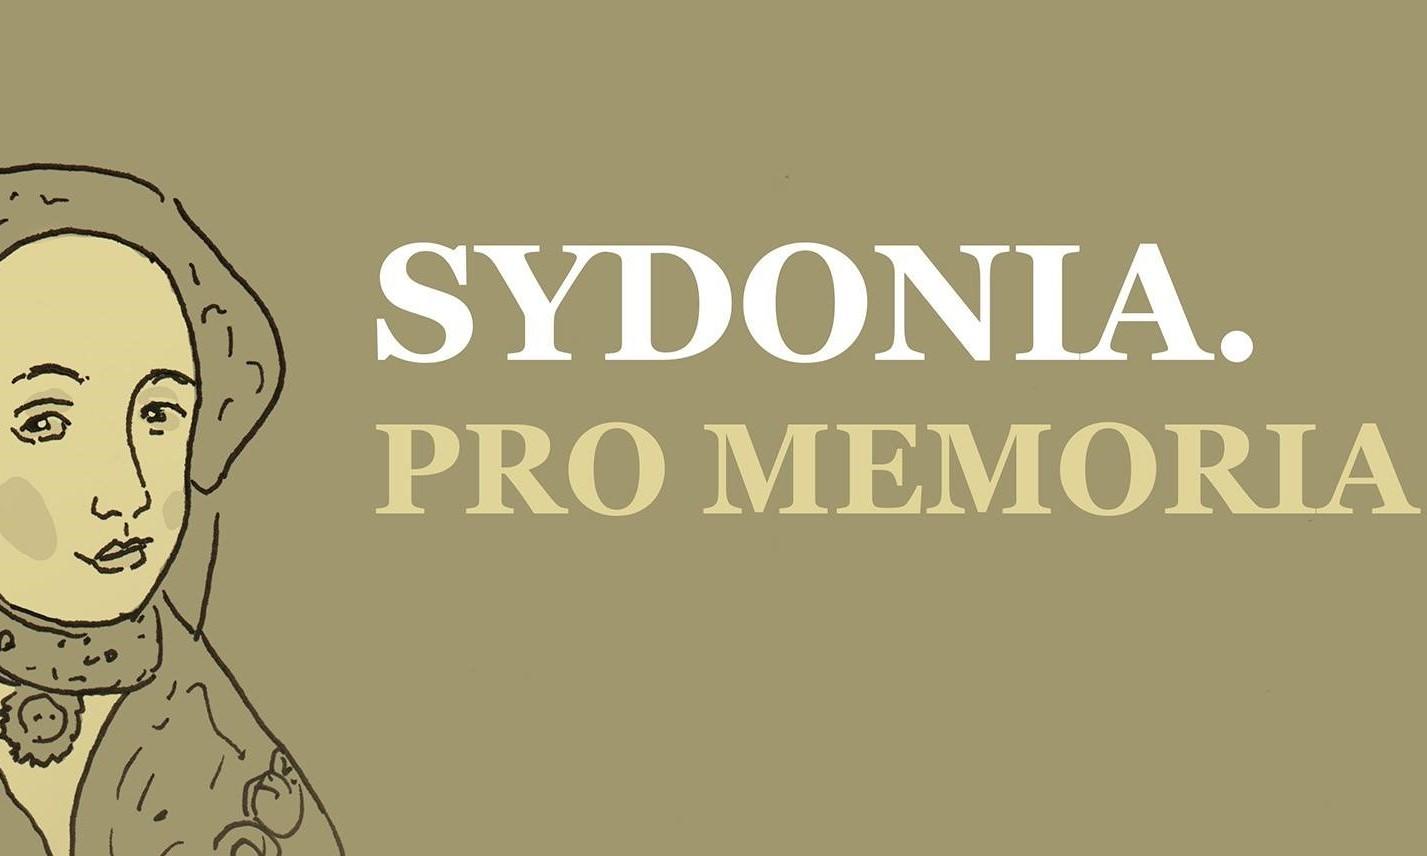 Sydonia von Borck – między prawdą a legendą